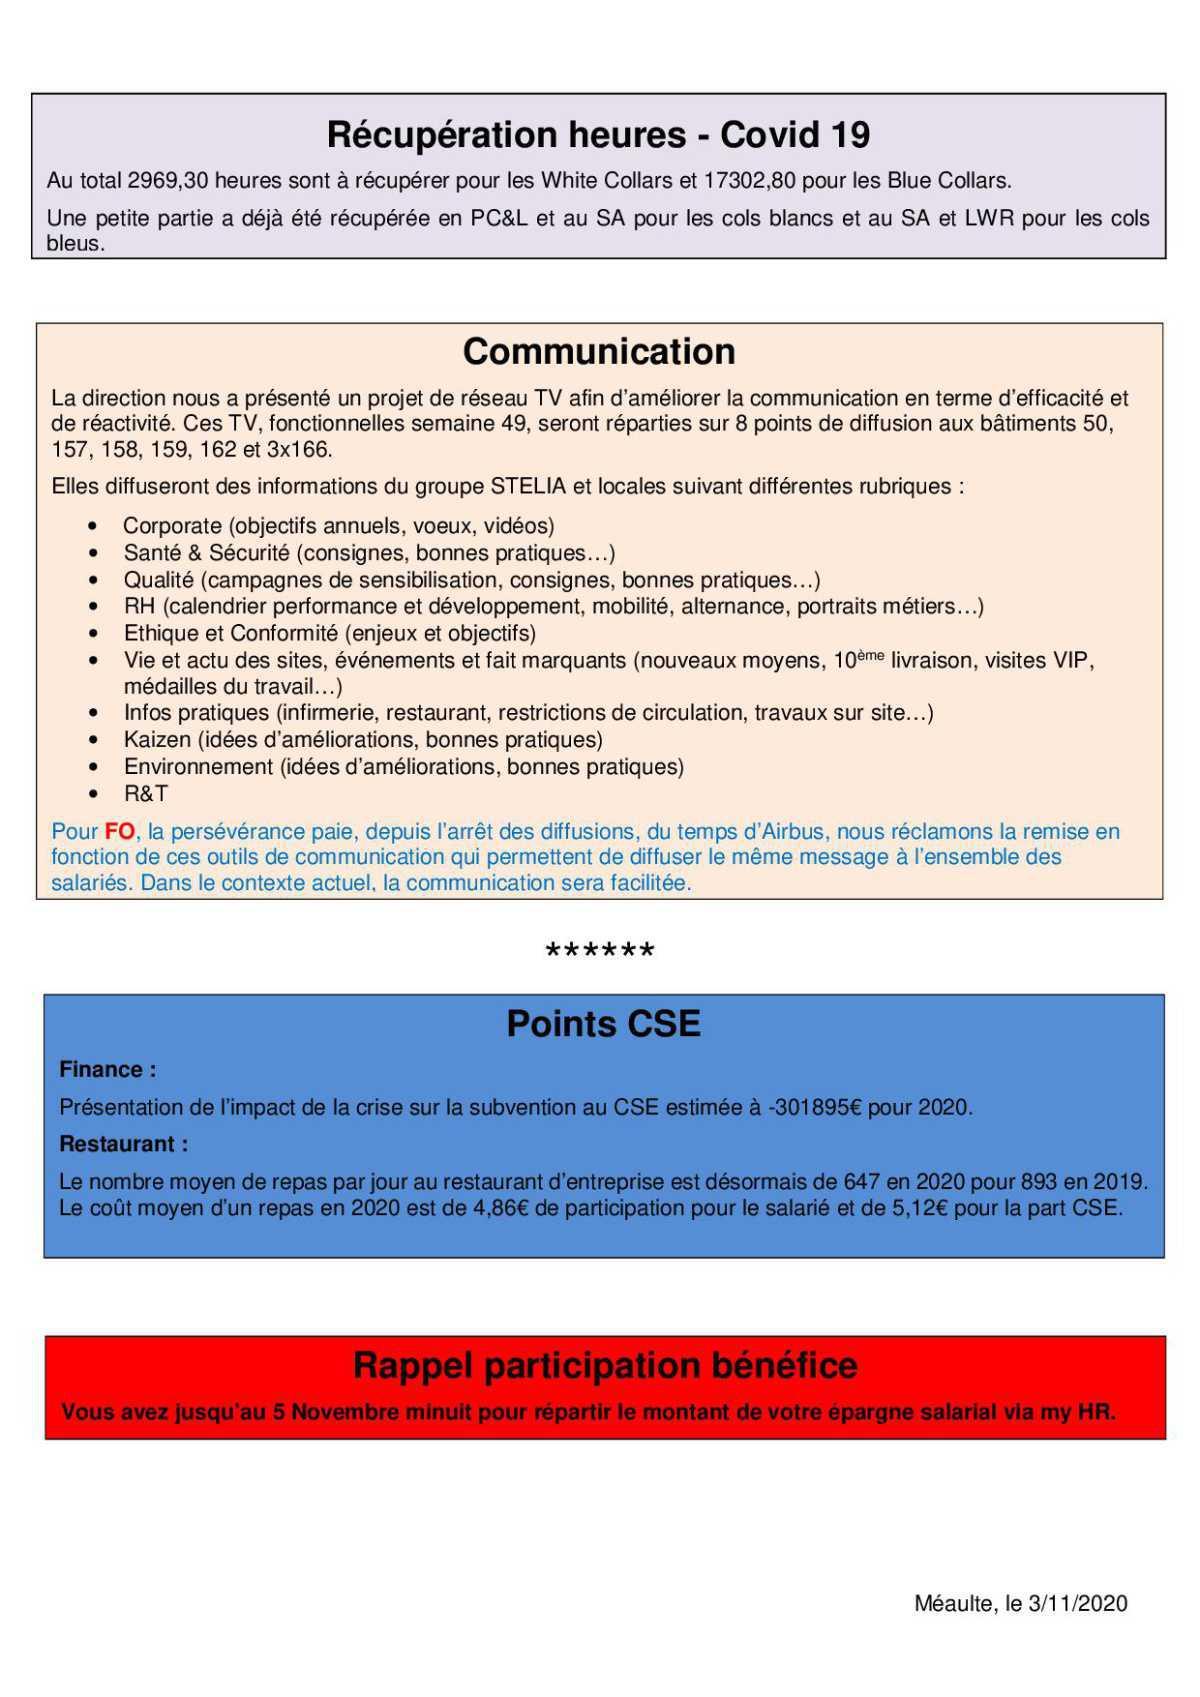 Compte rendu succinct du CSE-E du 28 octobre 2020